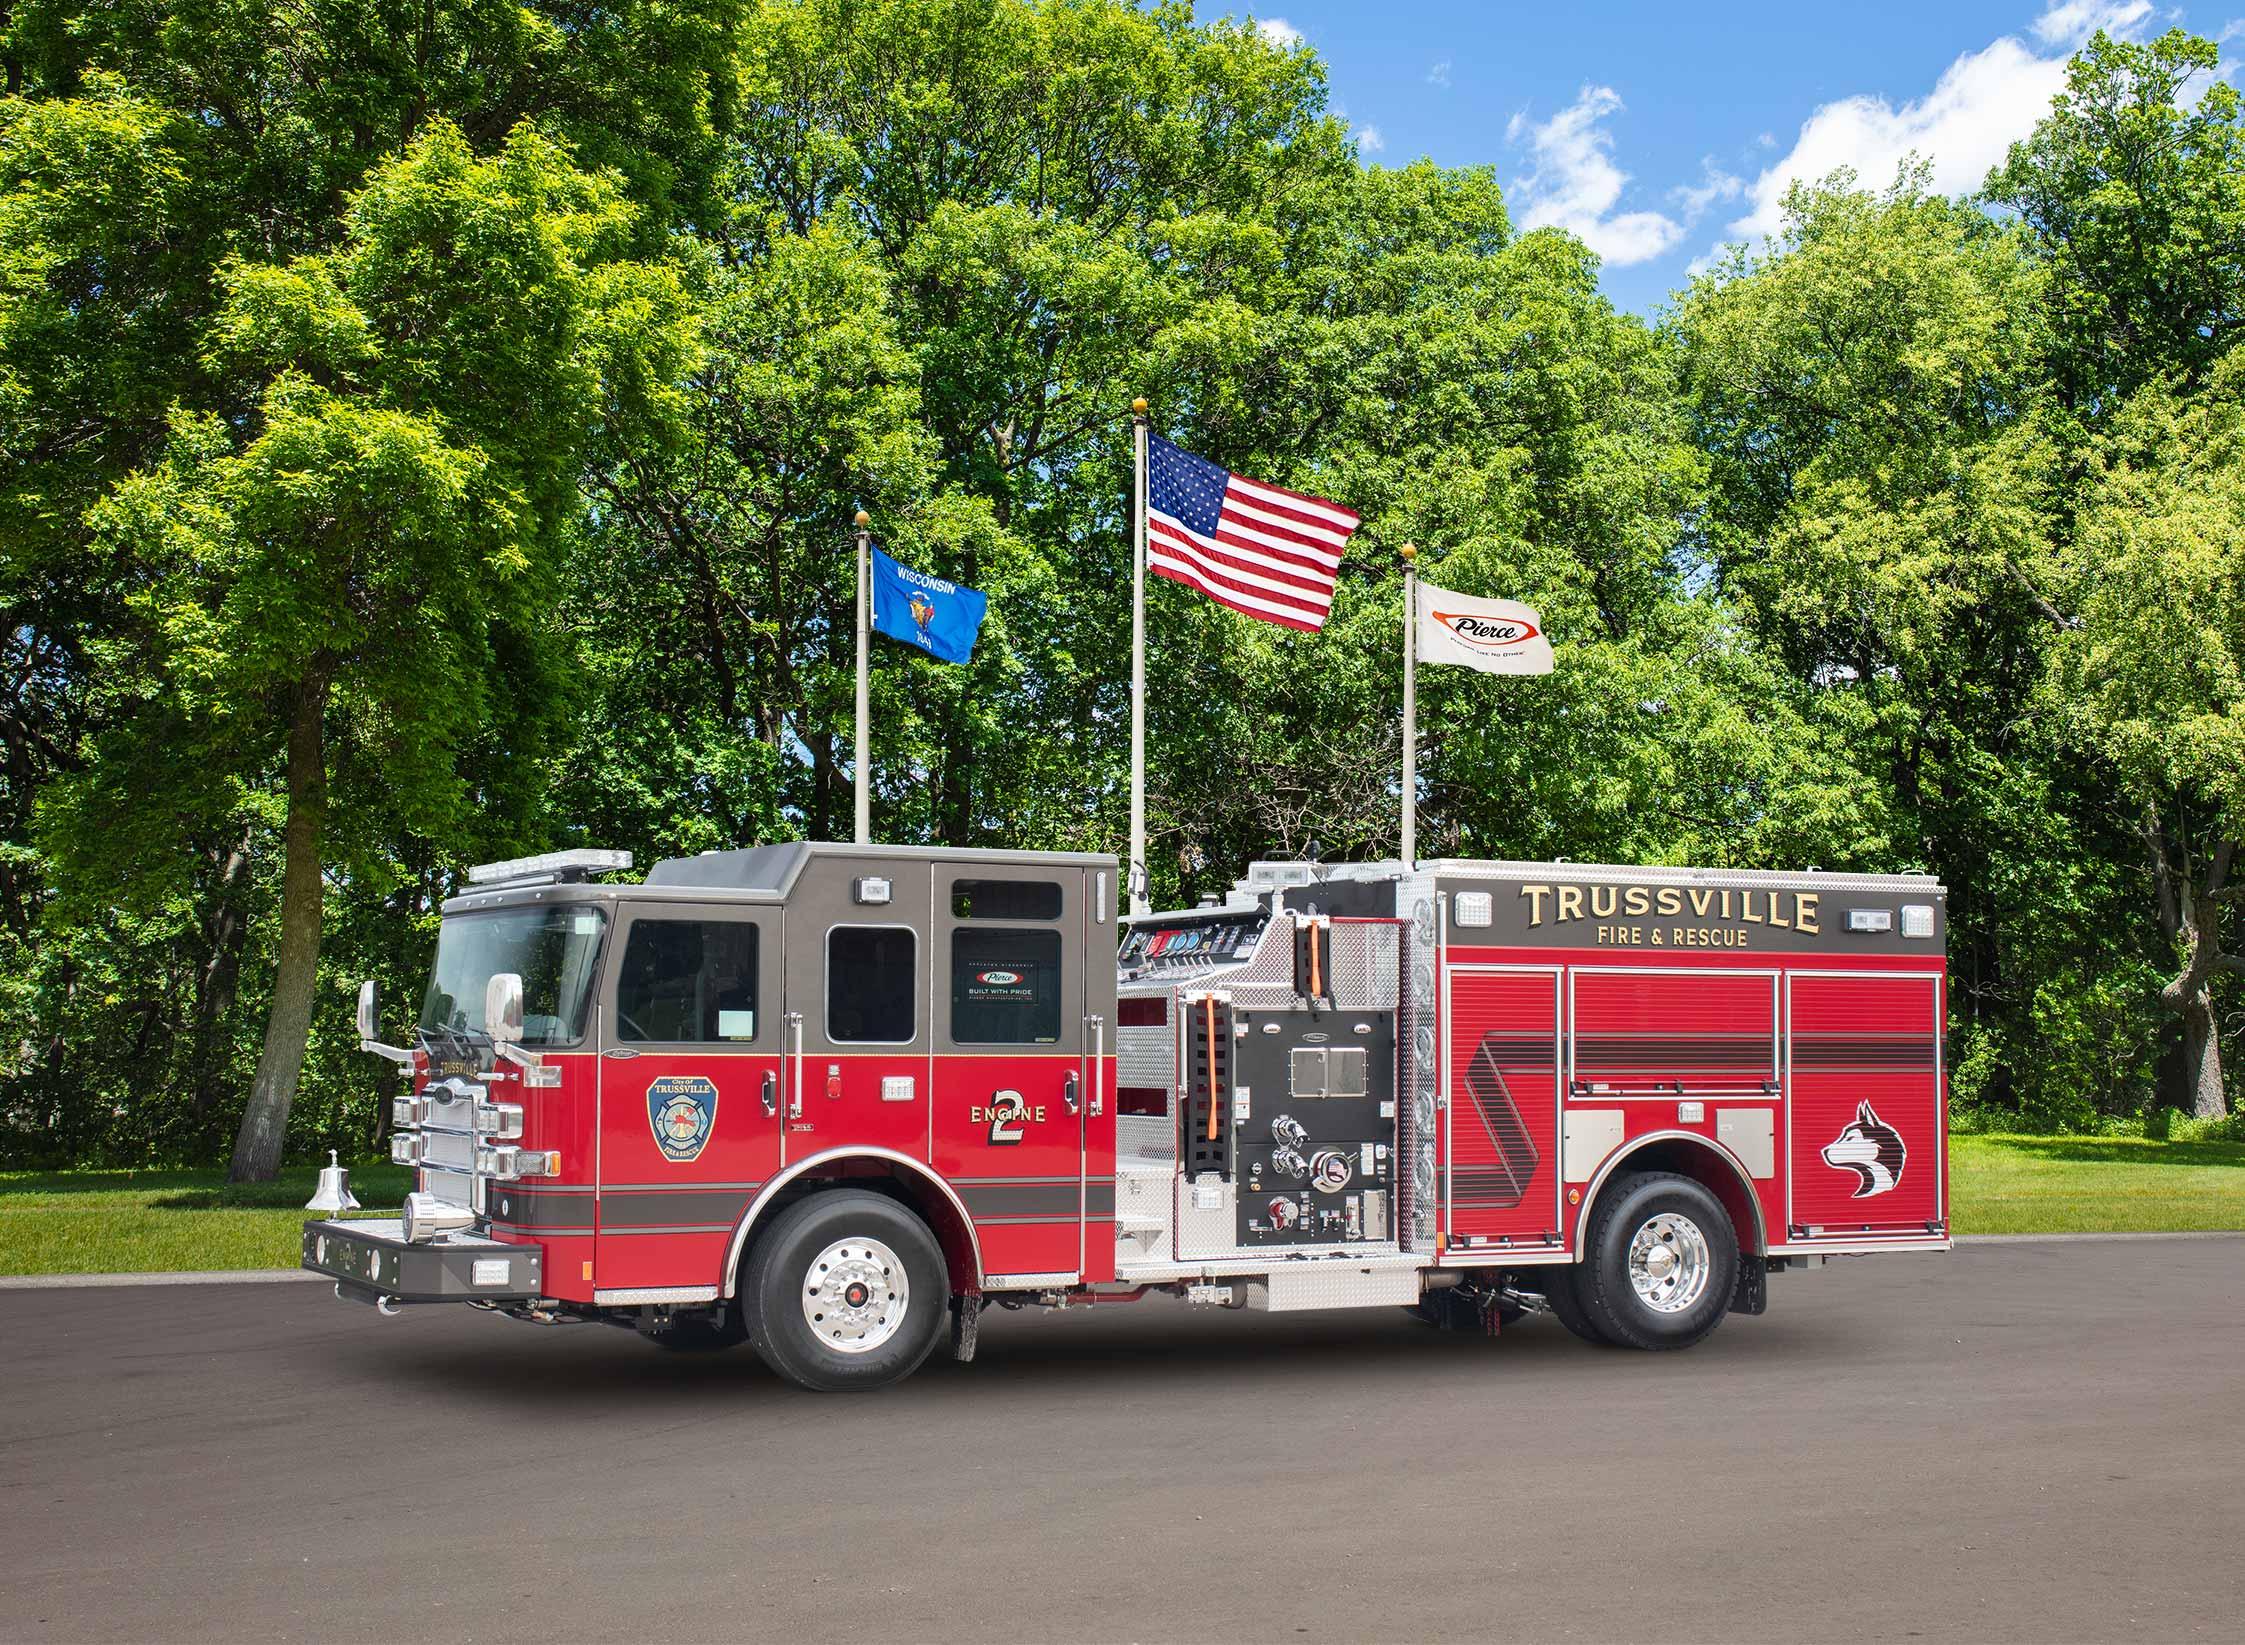 Trussville Fire & Rescue - Pumper